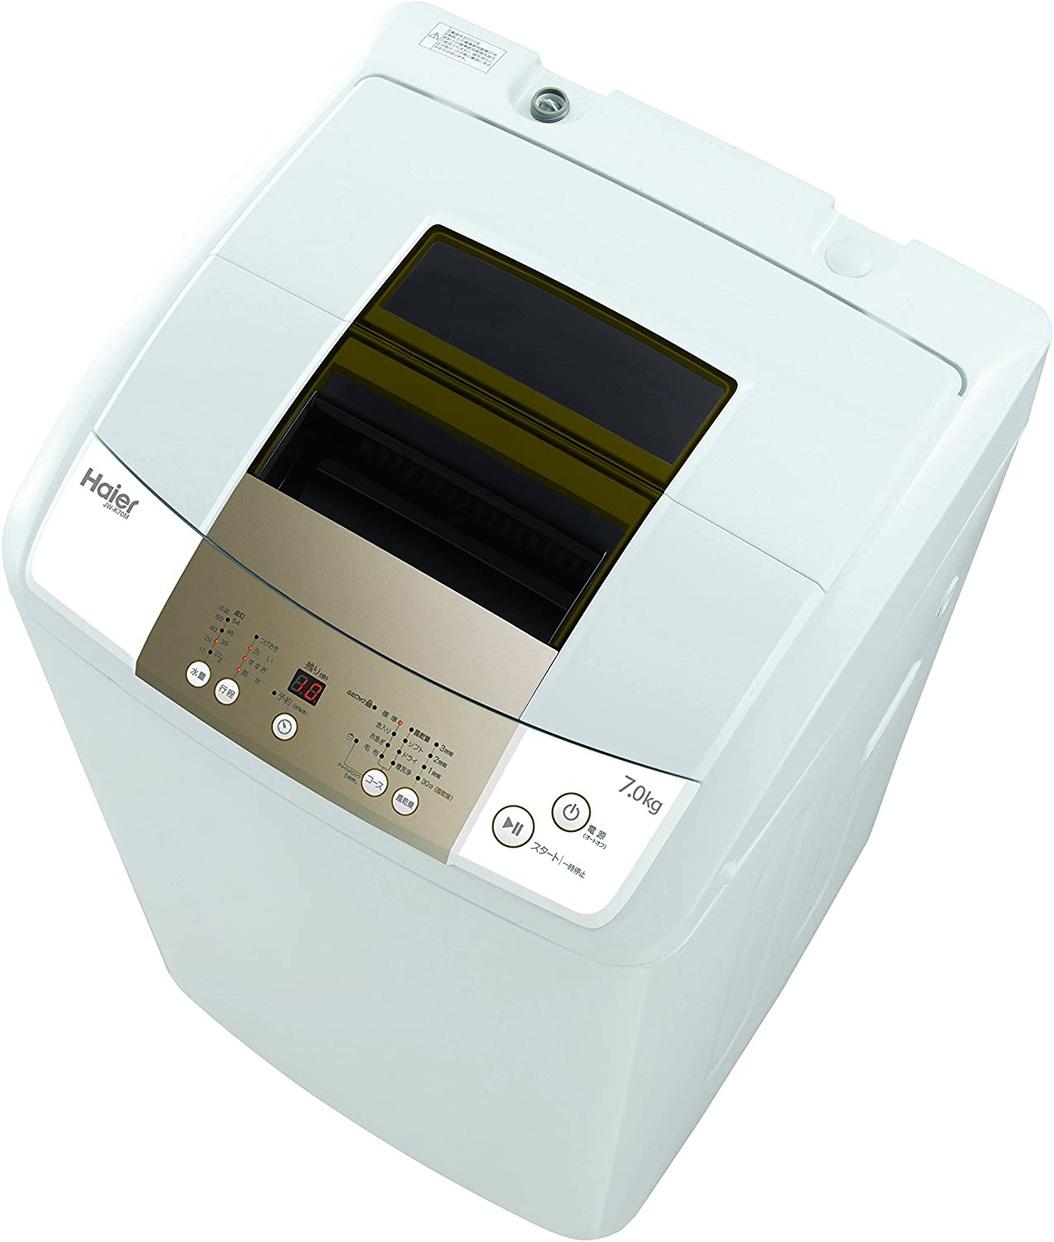 Haier(ハイアール) 全自動洗濯機 JW-K70Mの商品画像